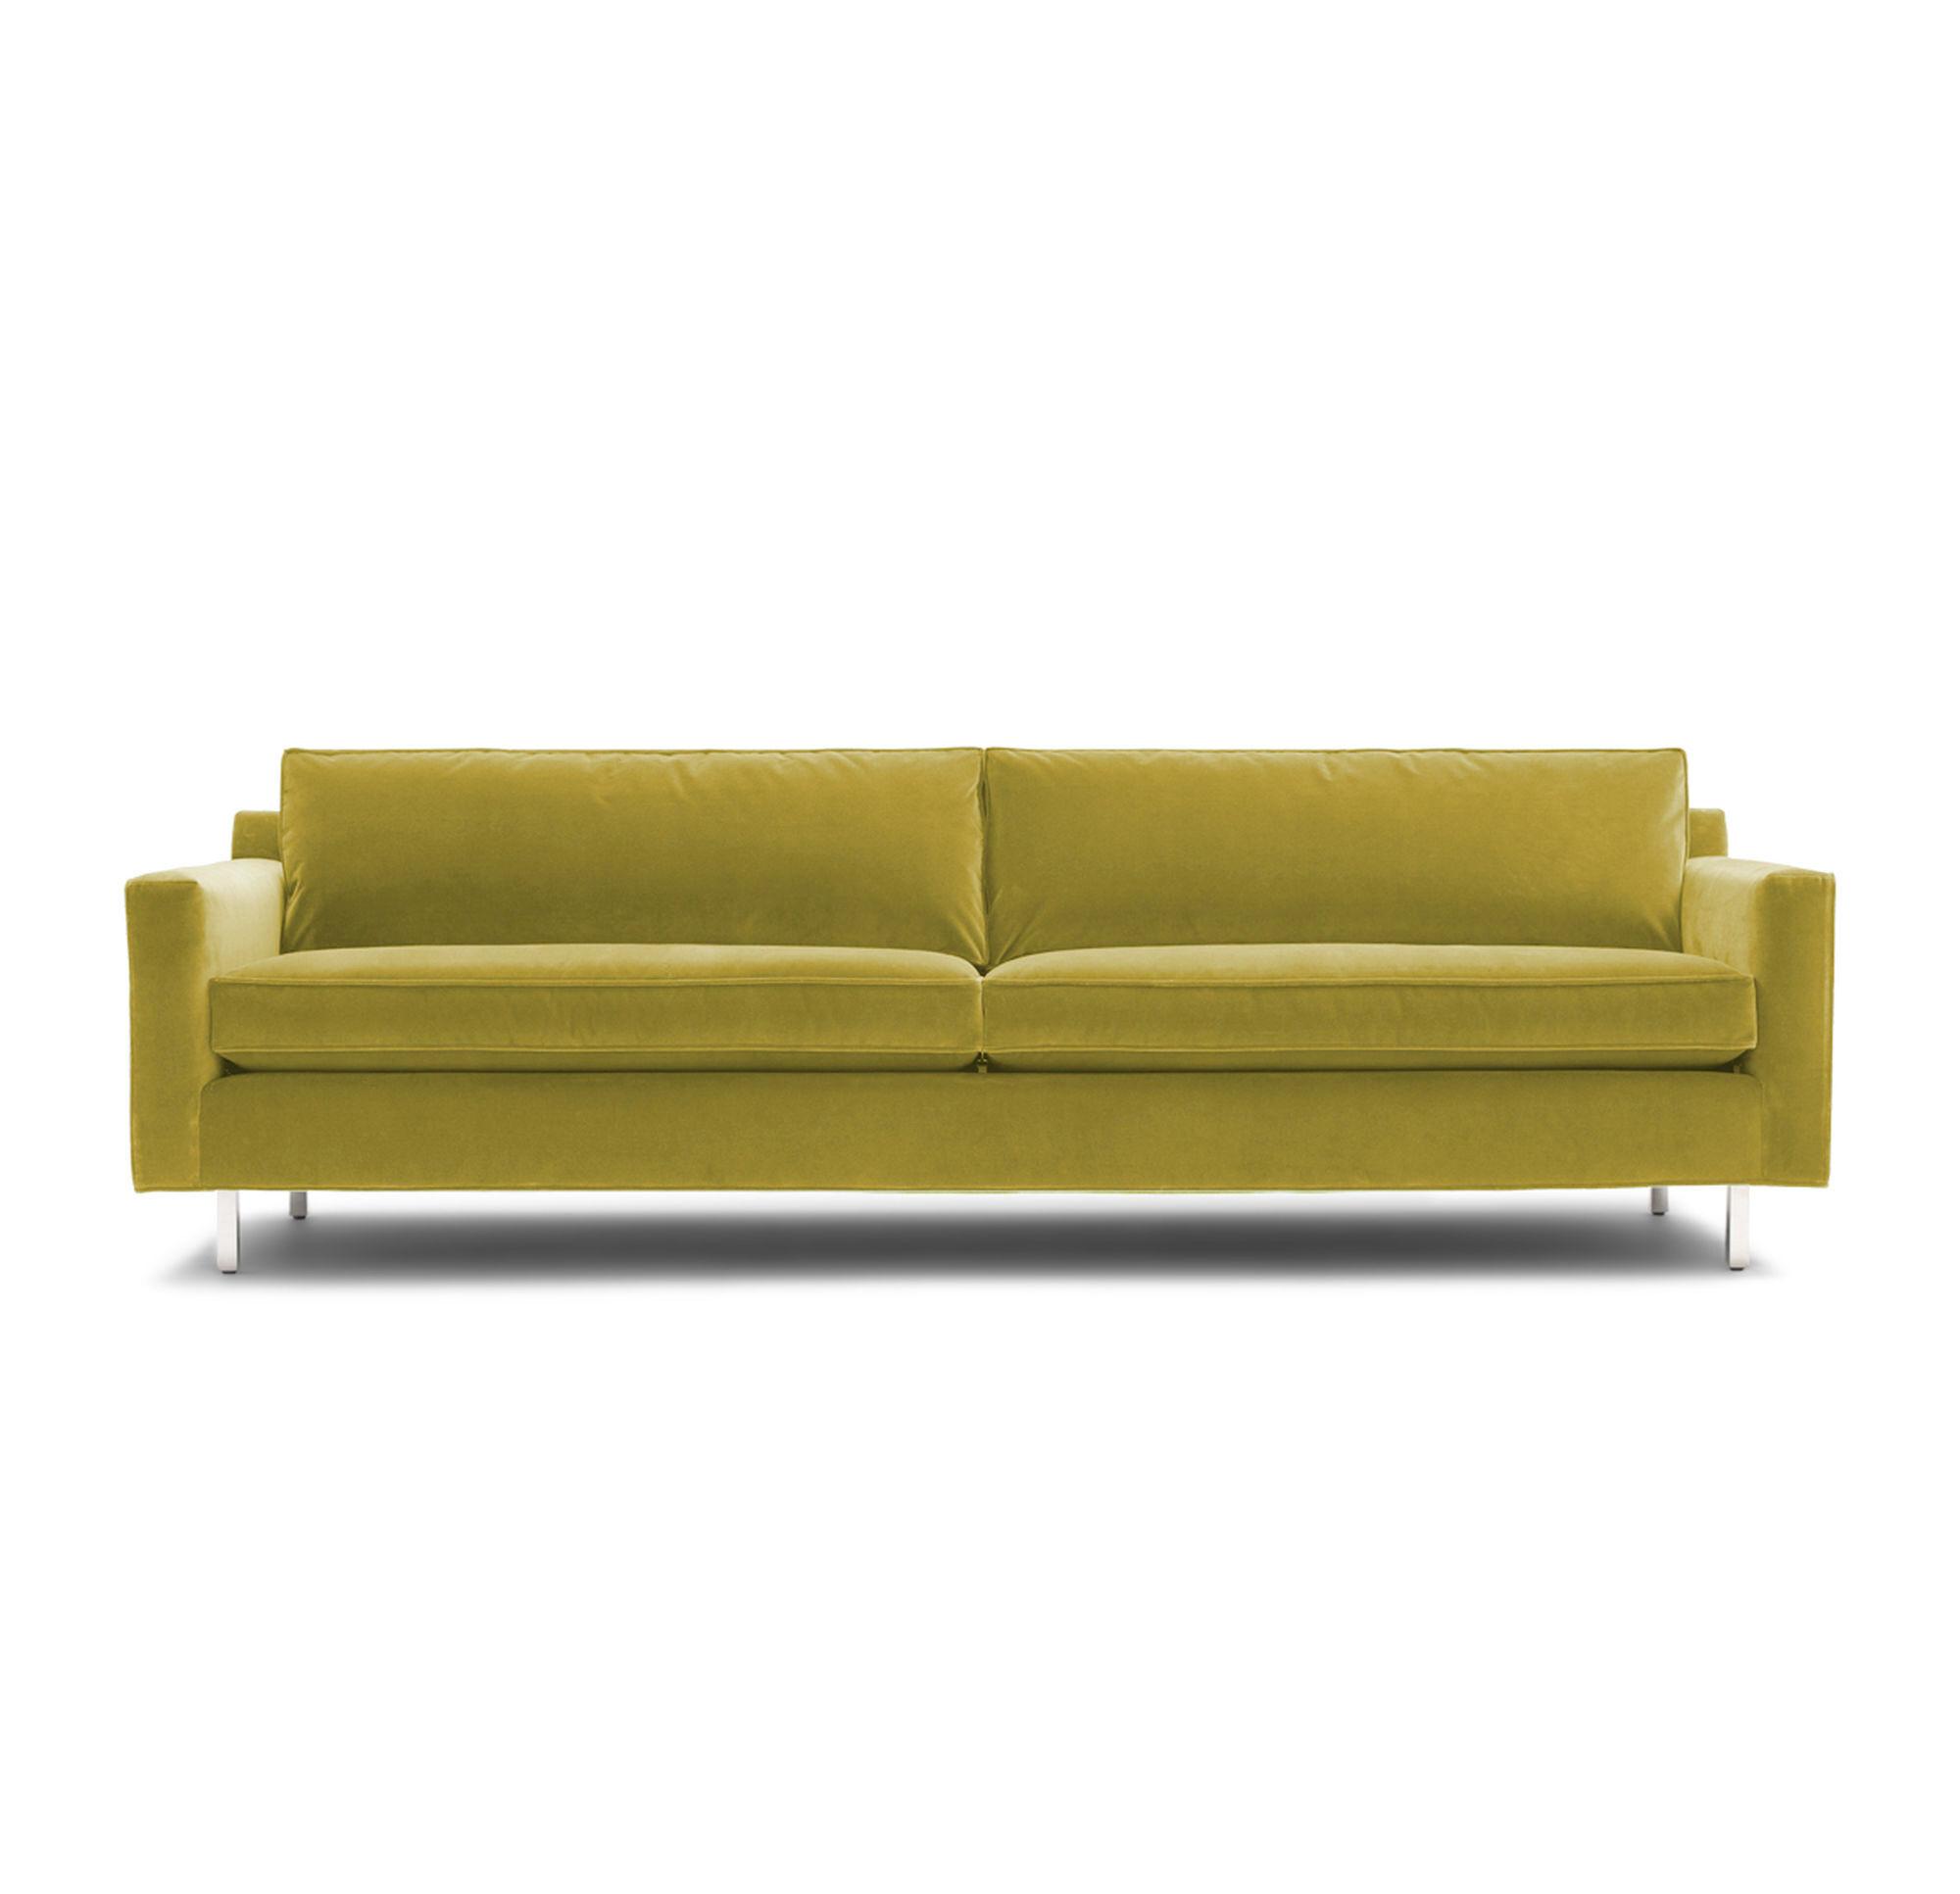 hunter sofa modern comfortable sectional sofa comfortable modern corner sofa